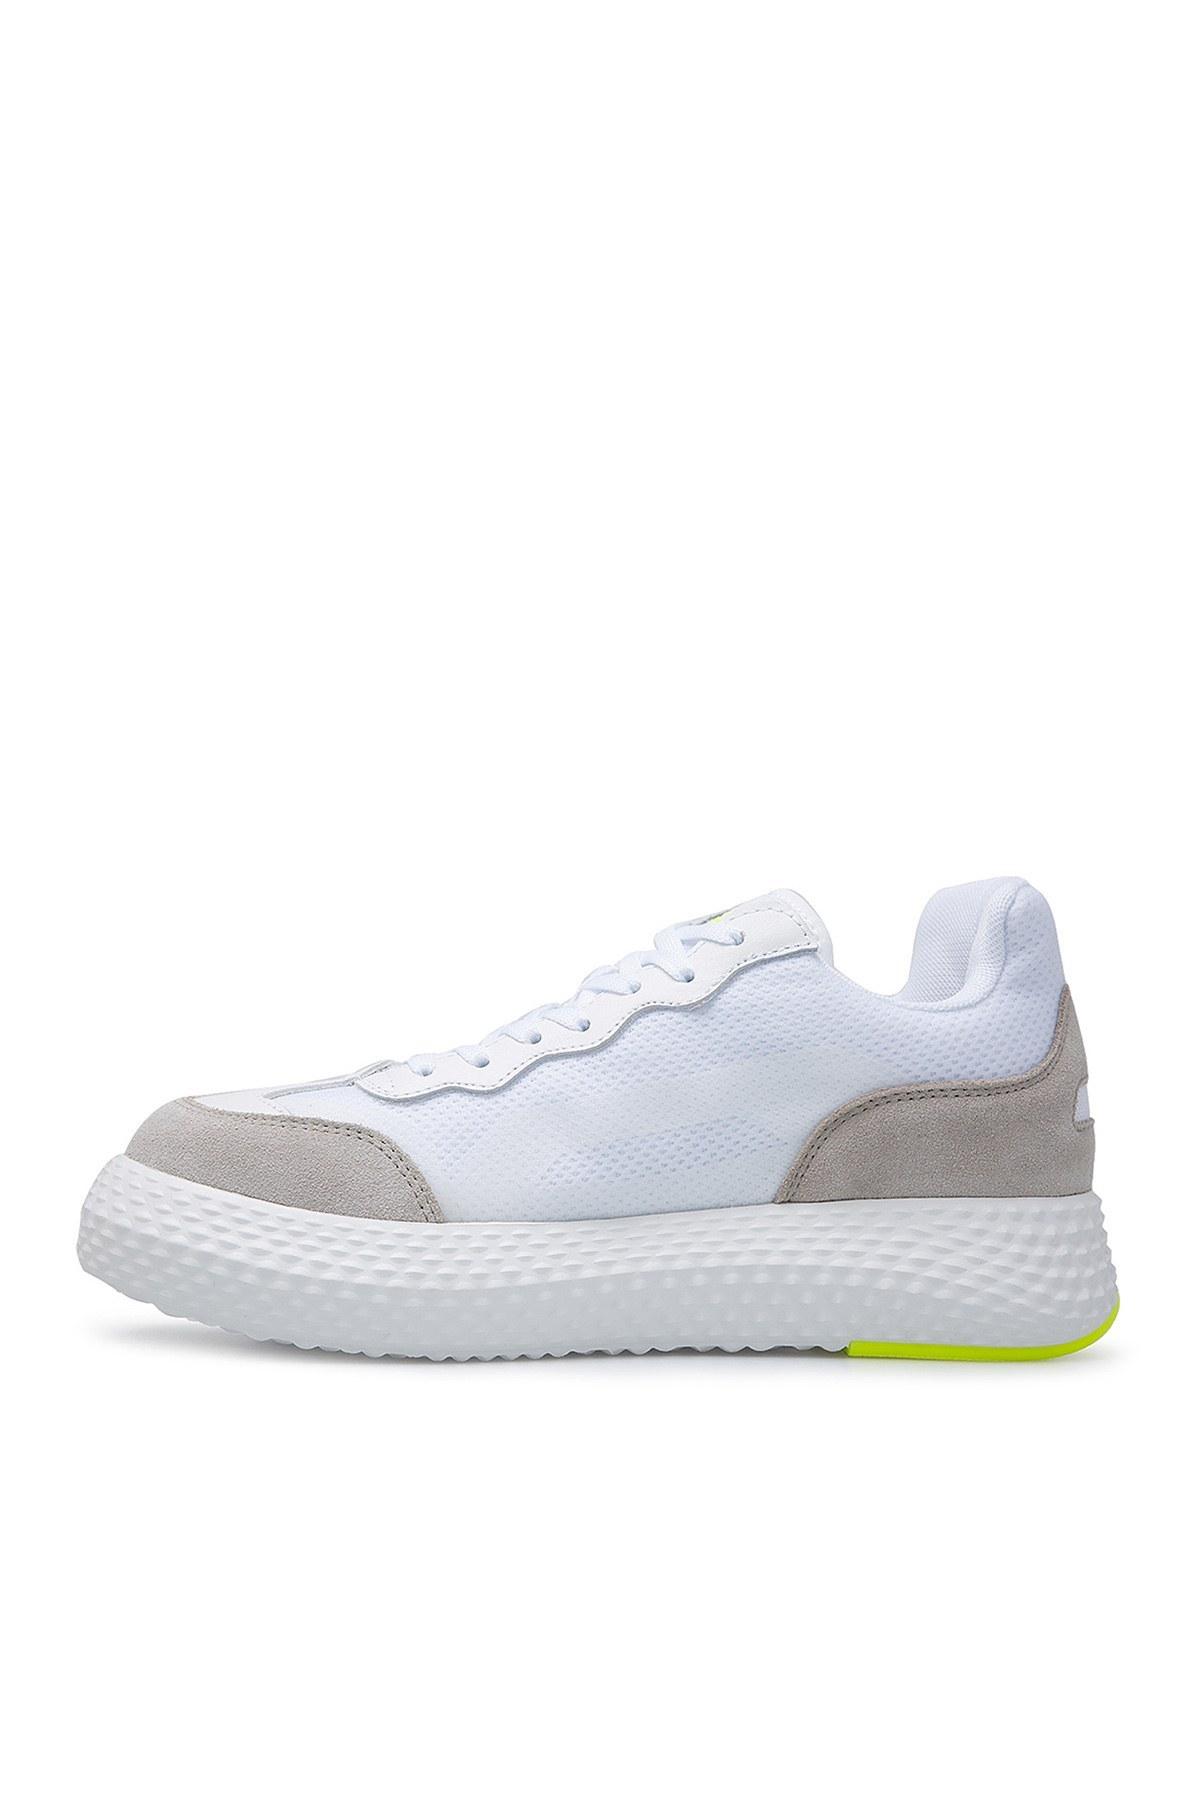 Emporio Armani Erkek Ayakkabı X4X269 XM234 K087 BEYAZ